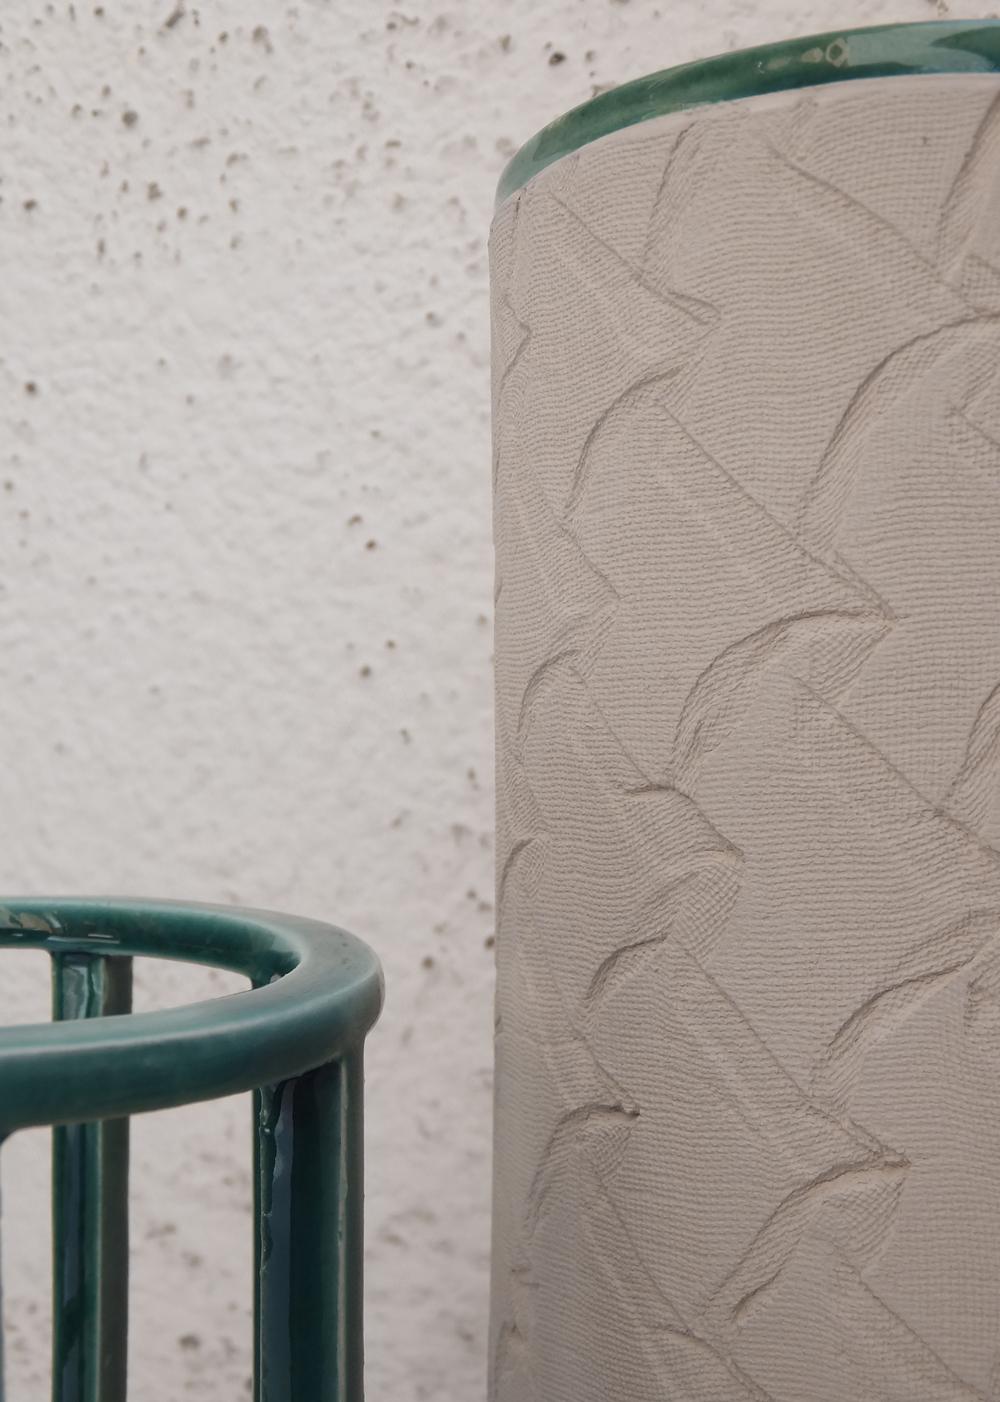 08_vasi ceramica 012_Silvia Fanticelli